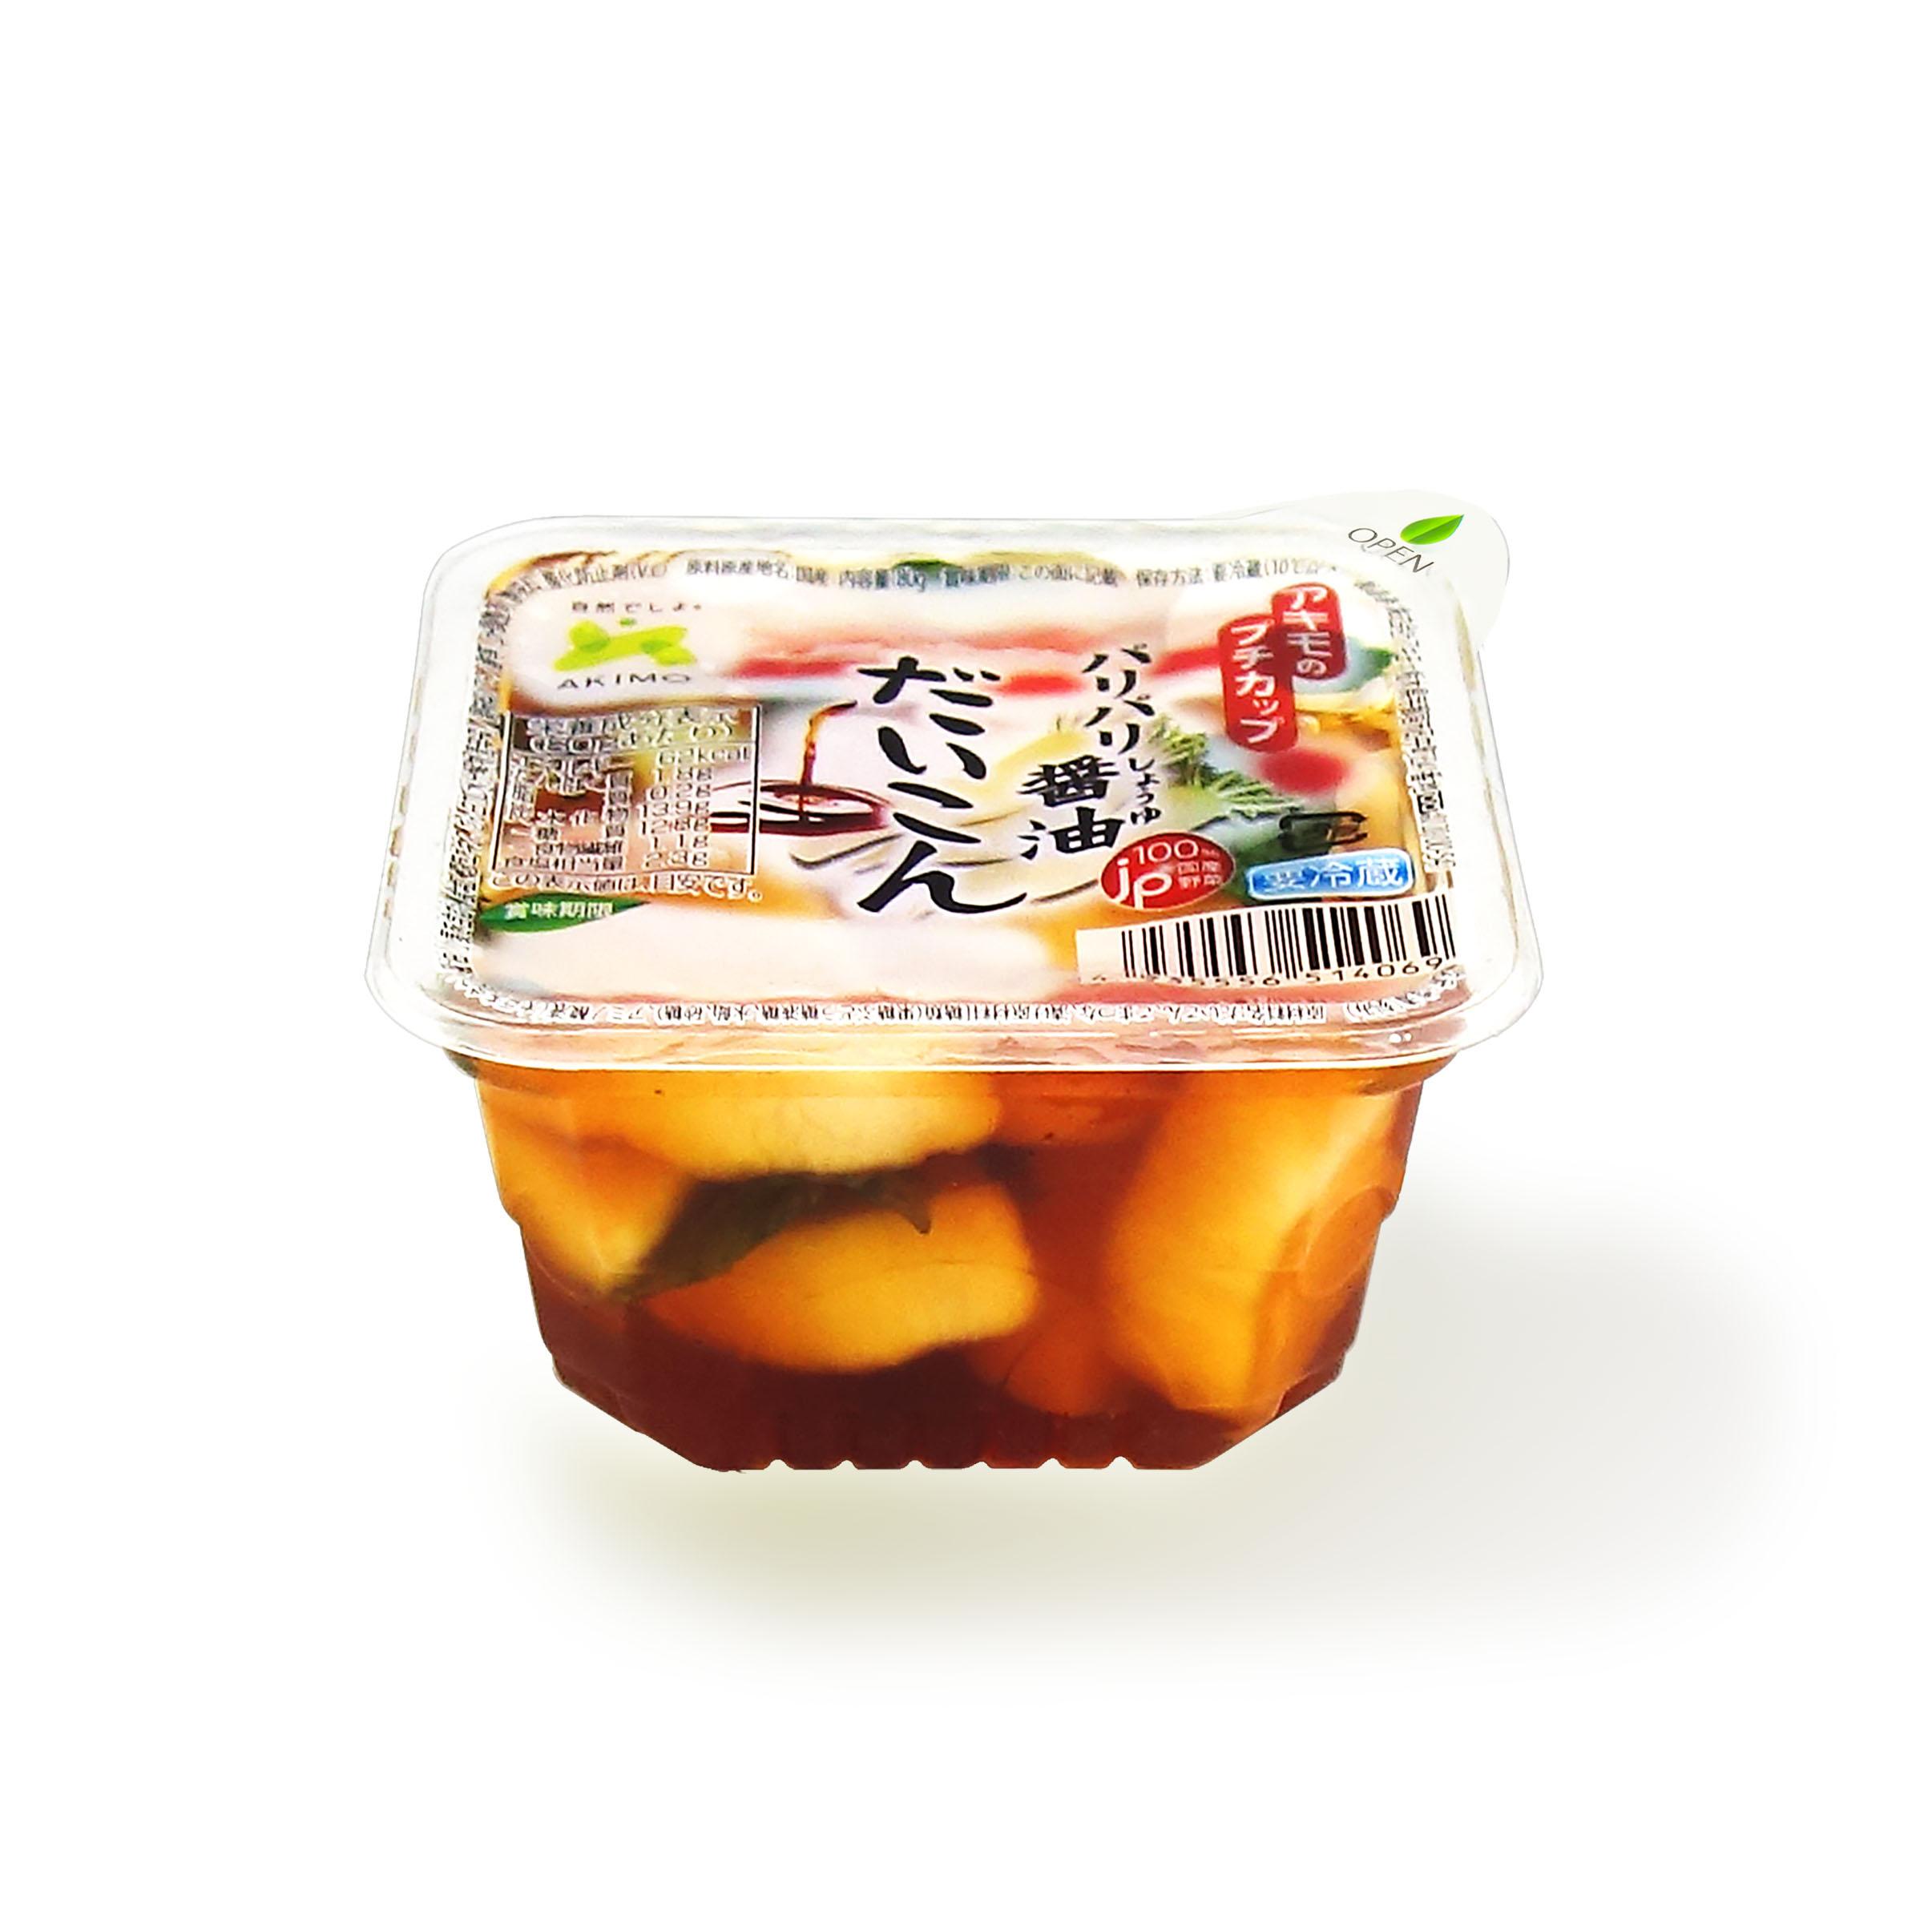 漬物グランプリ2021 金賞 浅漬